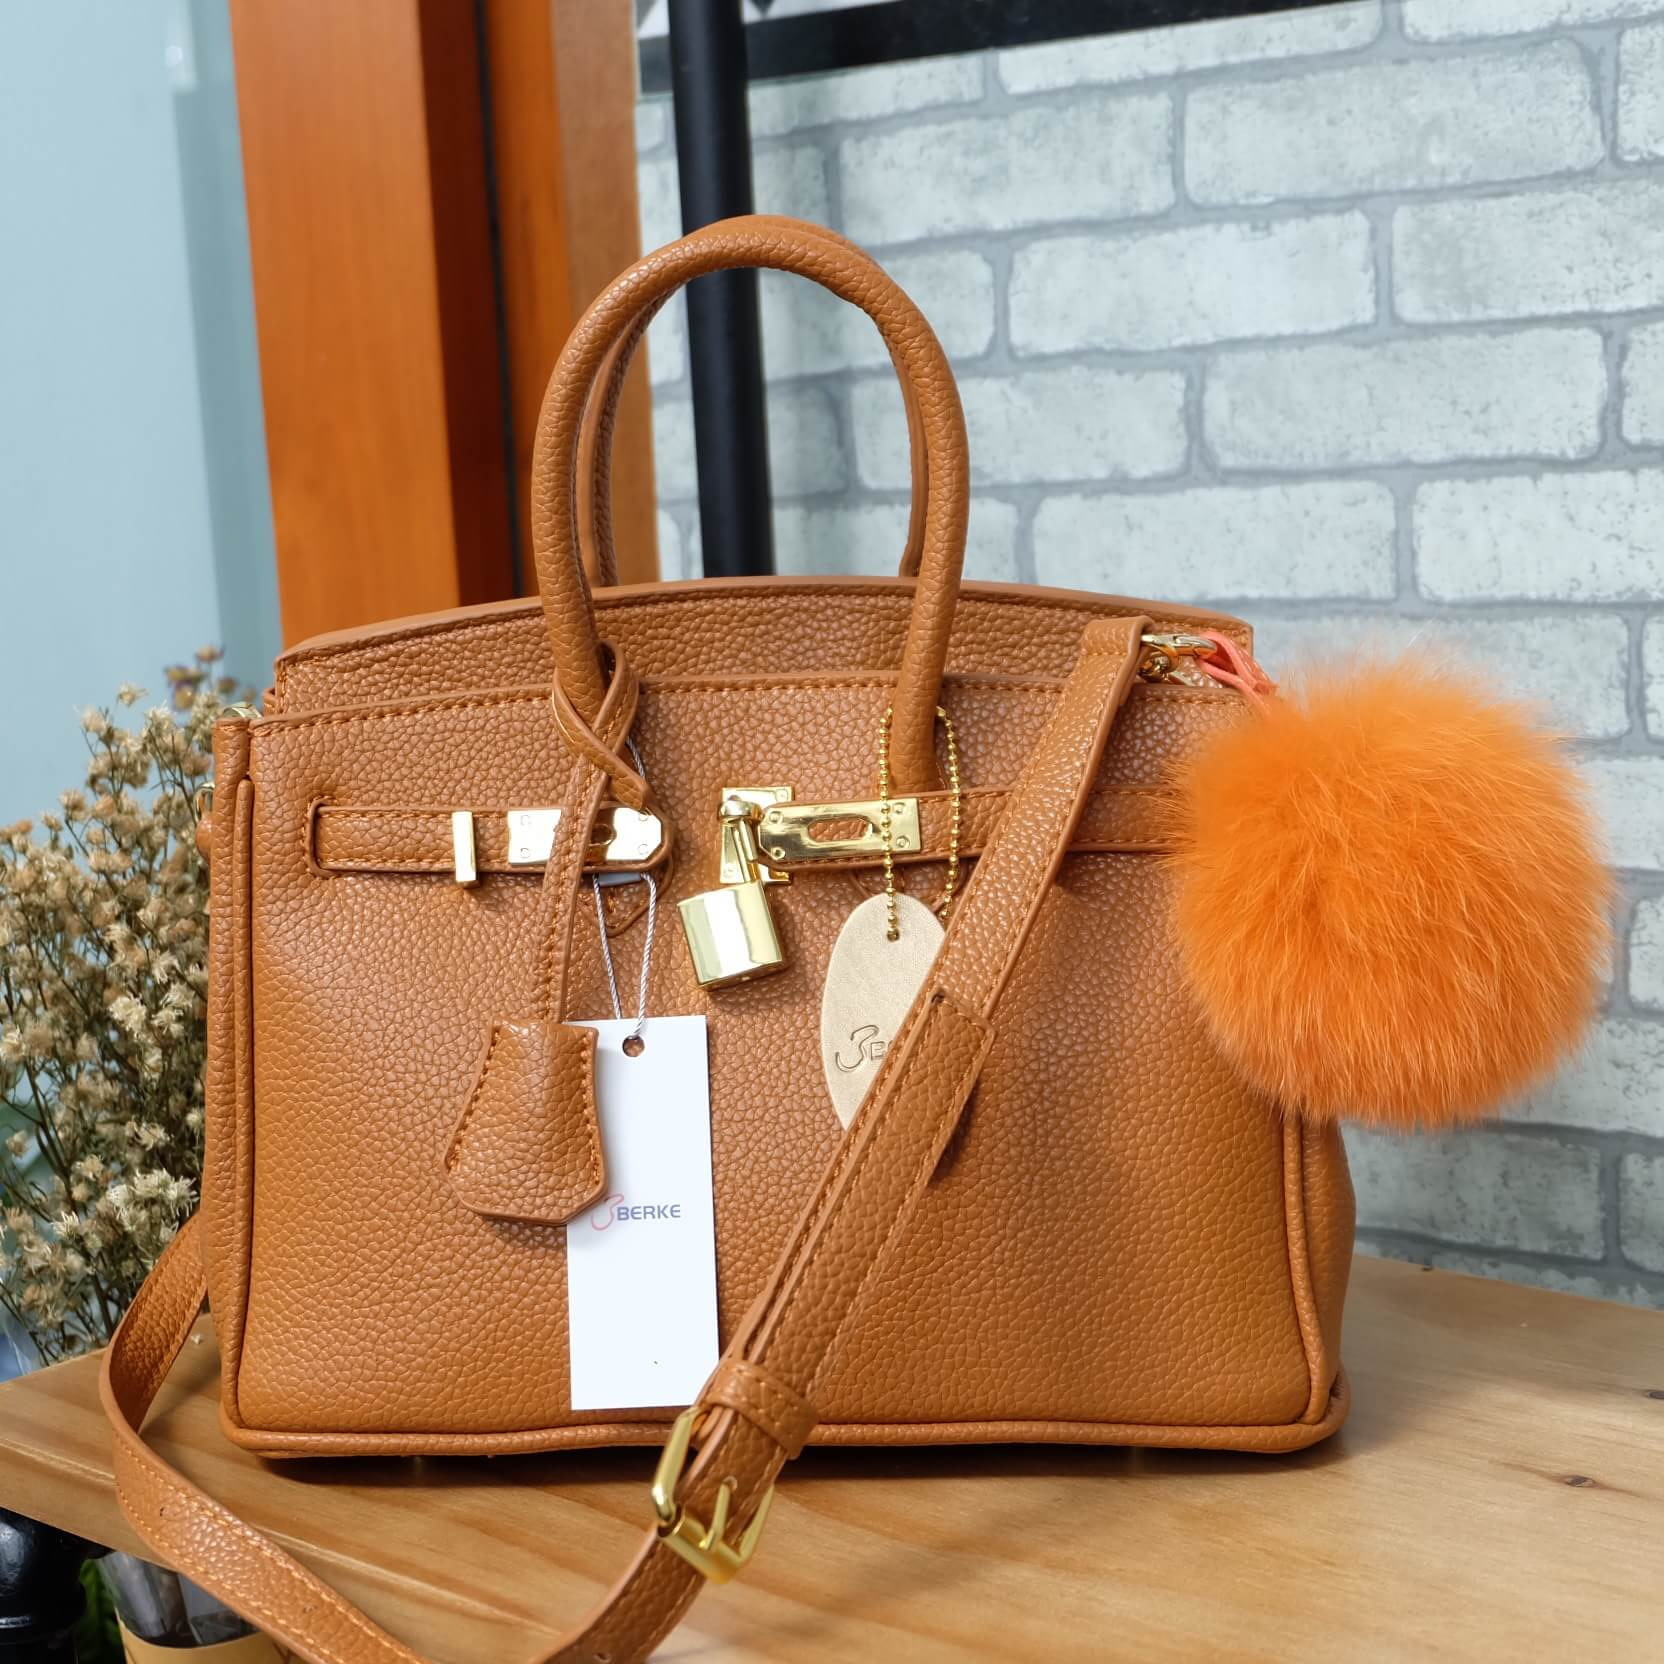 กระเป๋า Berke กระเป๋าทรงสุดฮิต ใบใหญ่จุของคุ้มคะ ตัวกระเป๋าหนัง Pu ดูแลรักษาง่าย น้ำหนักเบา ตัวกระเป๋า ปรับได้ 2 ทรง ทรงรัดสายคาด กับ ถอดออกได้ ภายในบุด้วยหนัง PU เนื้อเรียบสีชมพู มีช่องใส่ของจุกจิกได้ #ใบนี้สวยหรูมาก New arrival!